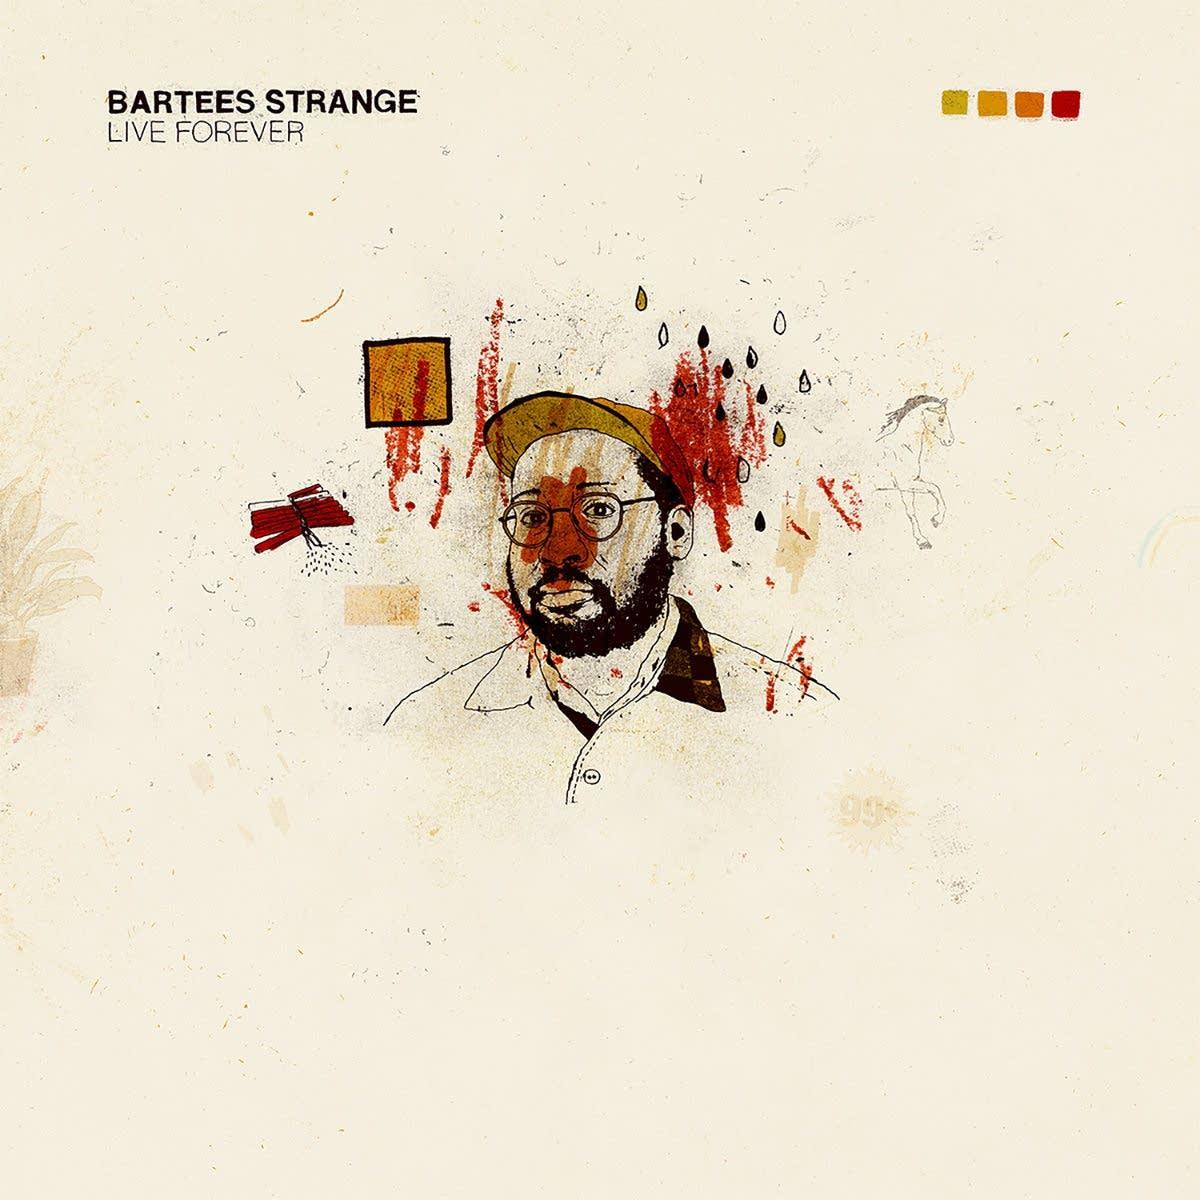 Bartees Strange